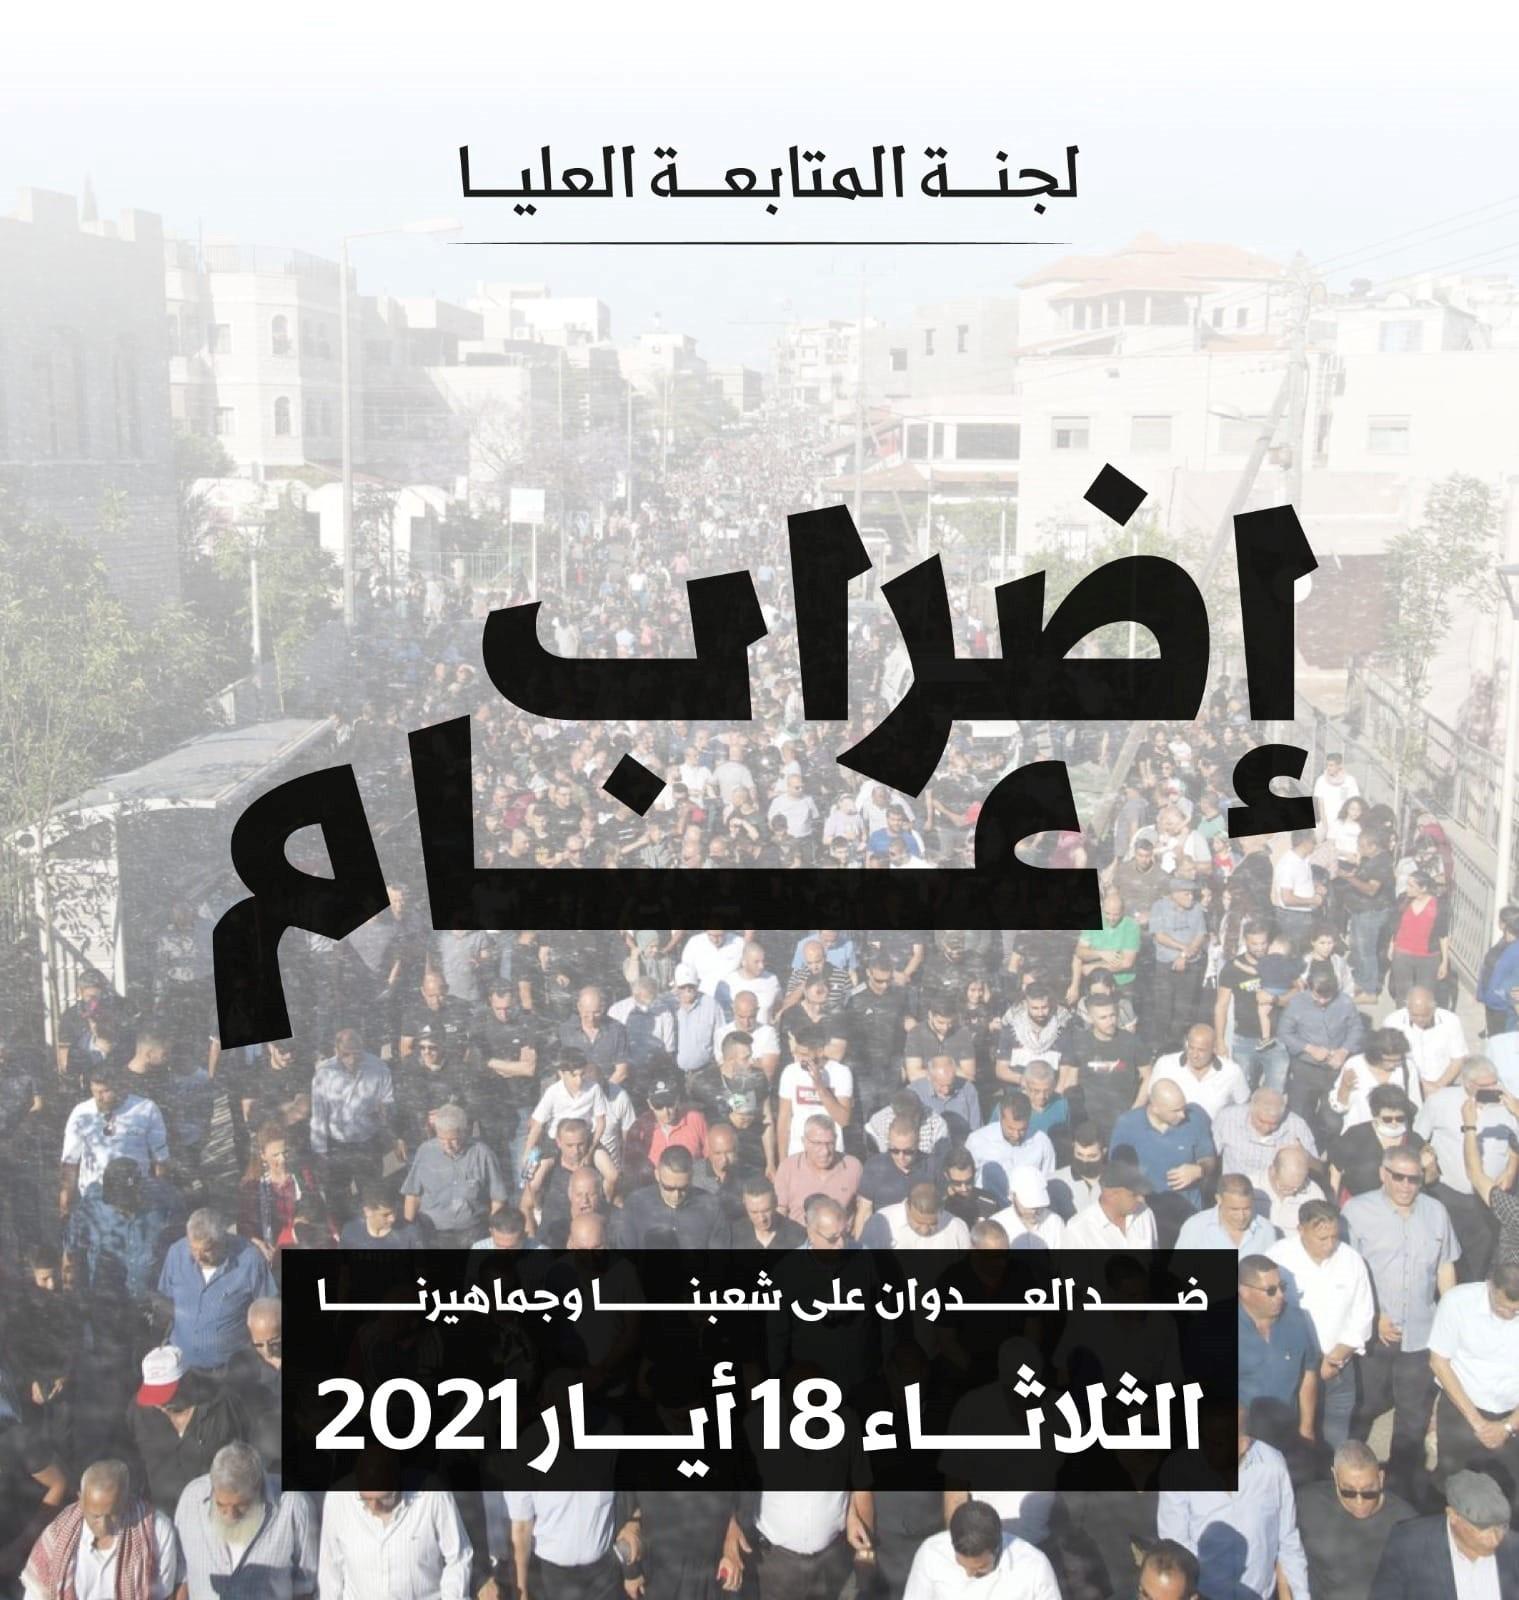 יתקיימו עצרות וצעדות מחאה: ועדת המעקב הכריזה על שביתה כללית בחברה הערבית